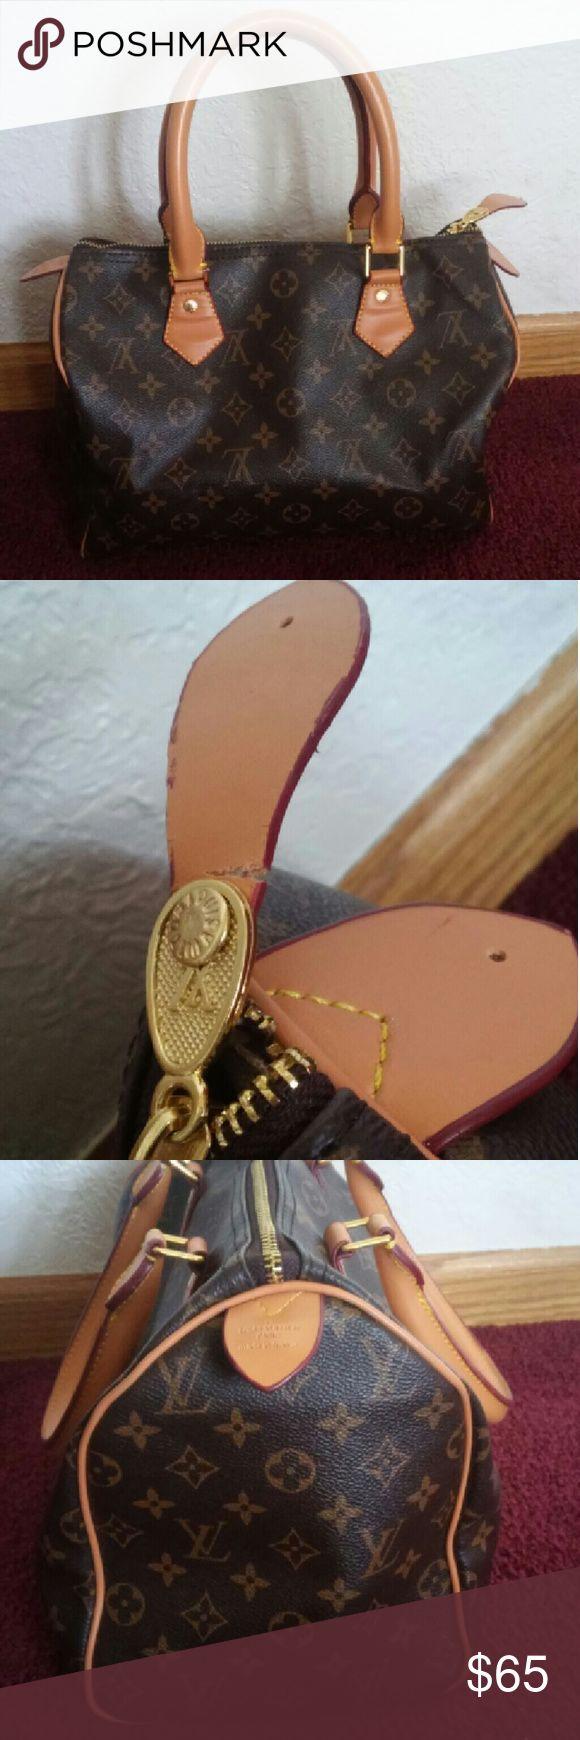 Replica handbag Replica of louis vuitton handbag It is NOT real! FAKE! REPEAT FAKE!! Bags